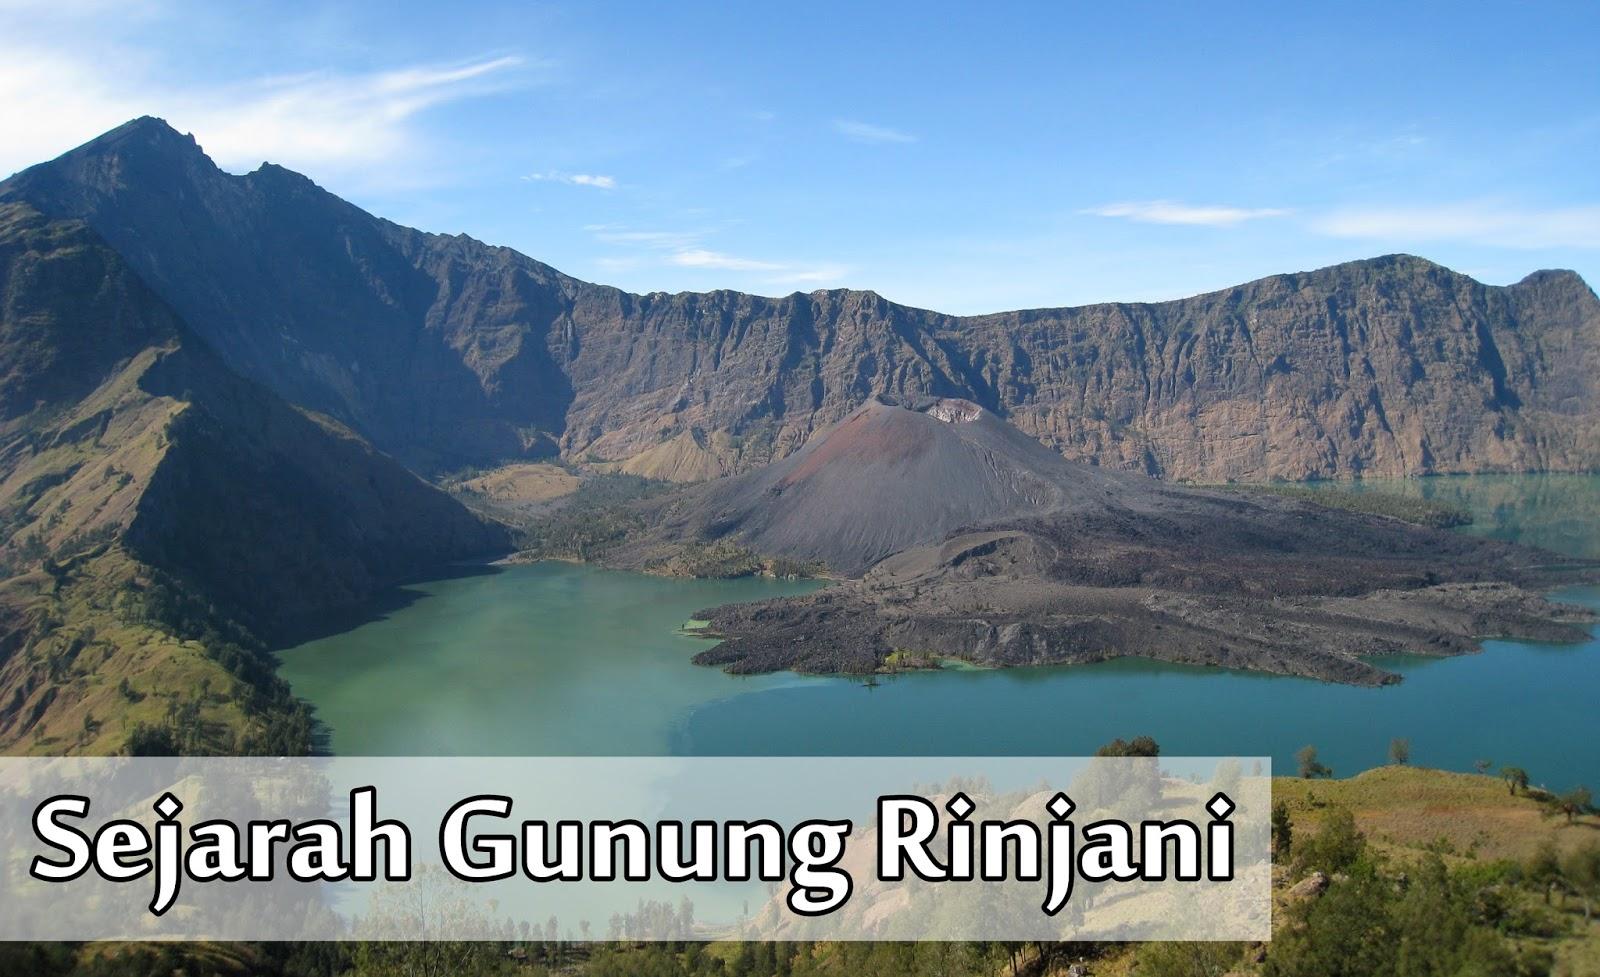 Sejarah Gunung Rinjani Dan Danau Segara Anak Basecamp Para Pendaki